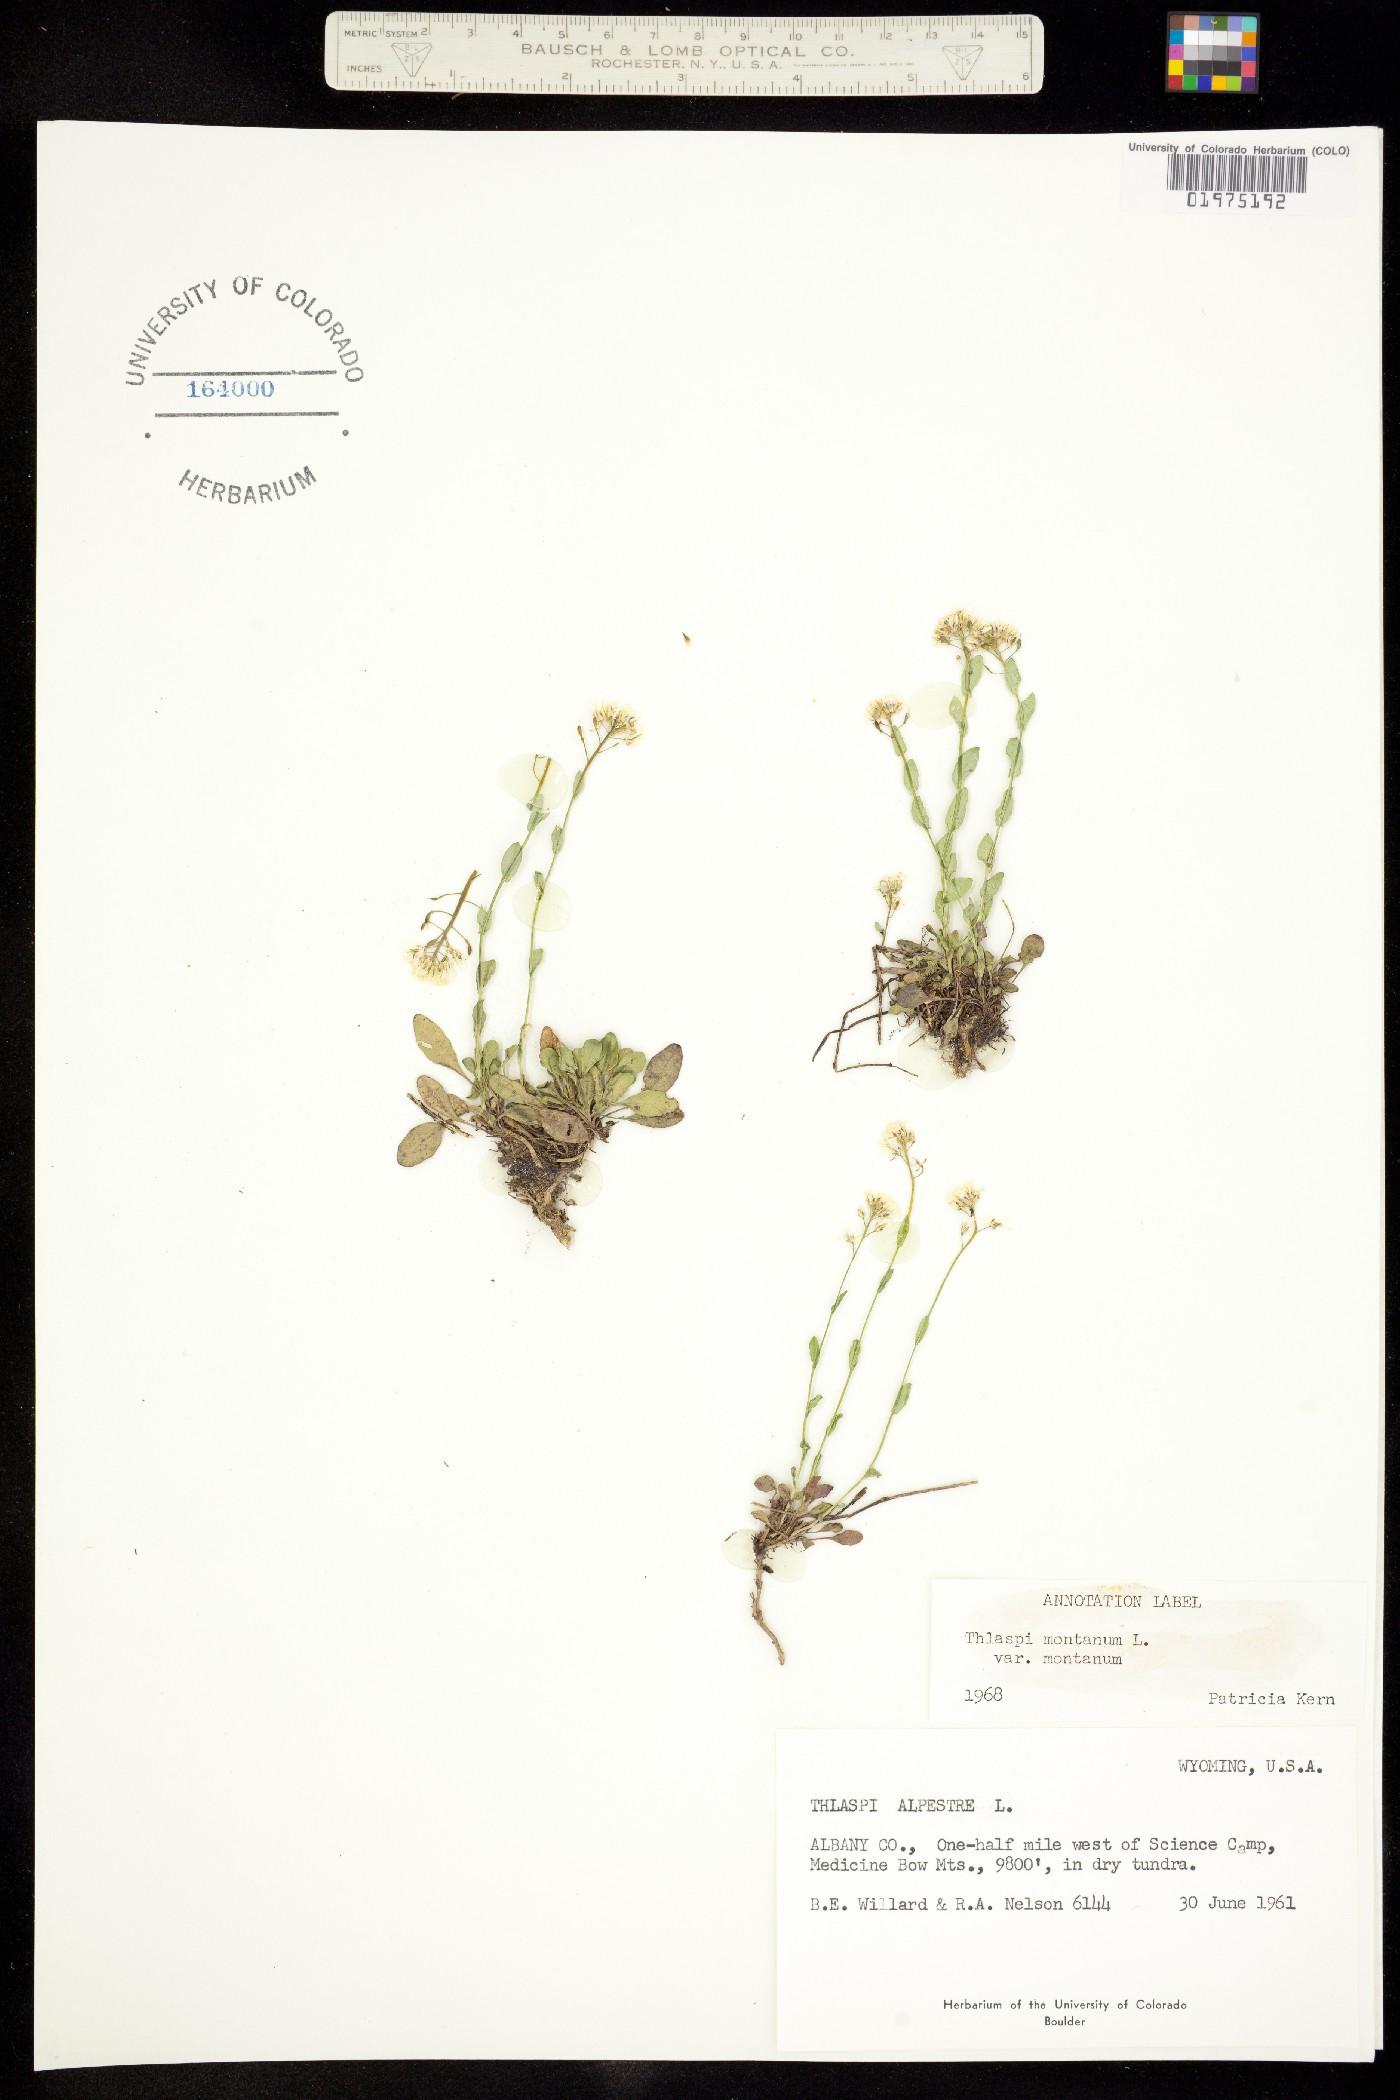 Noccaea fendleri ssp. glauca image